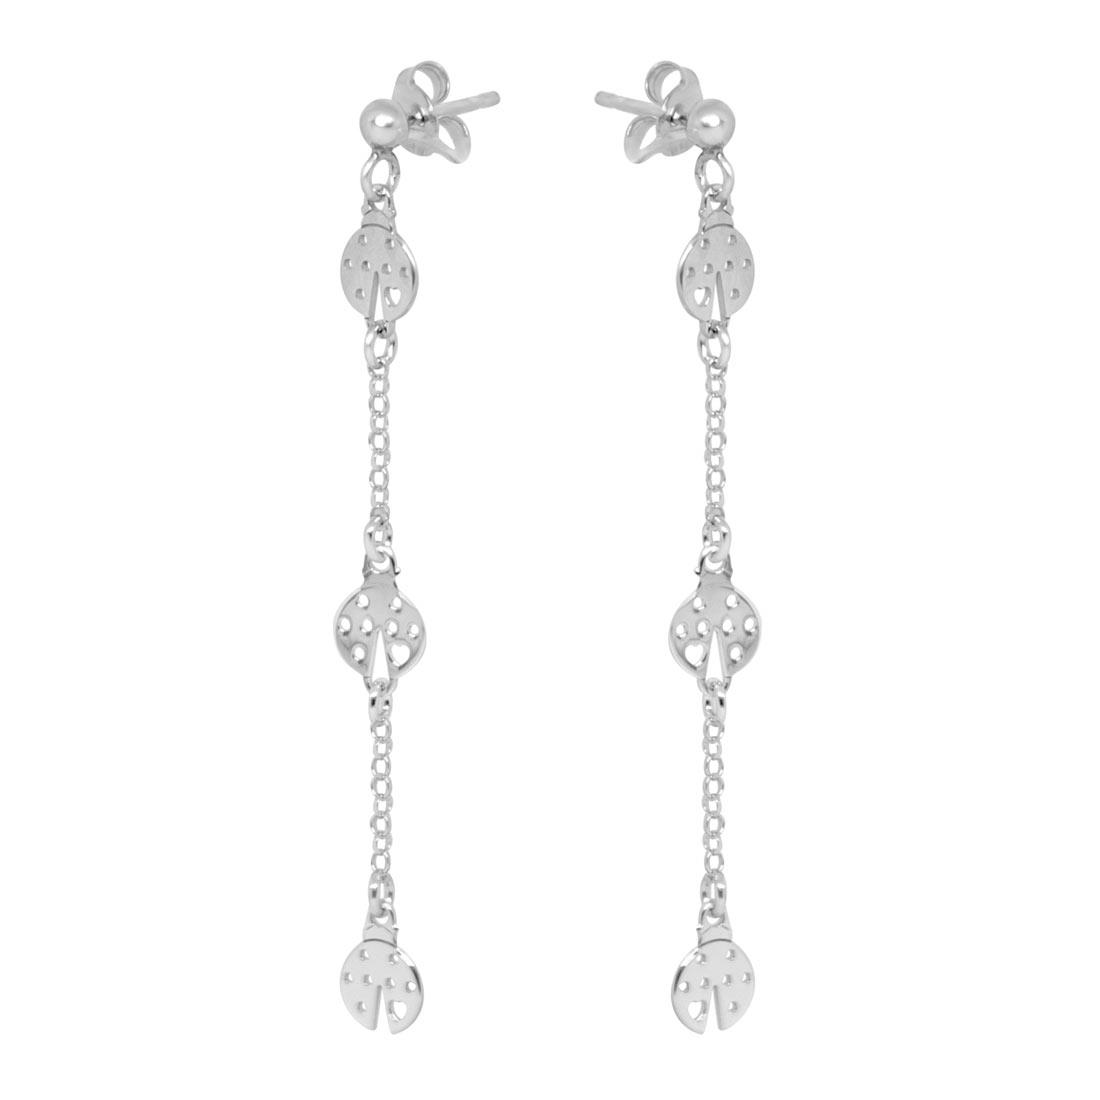 Orecchini pendenti in argento rodiato con coccinelle - ORO&CO